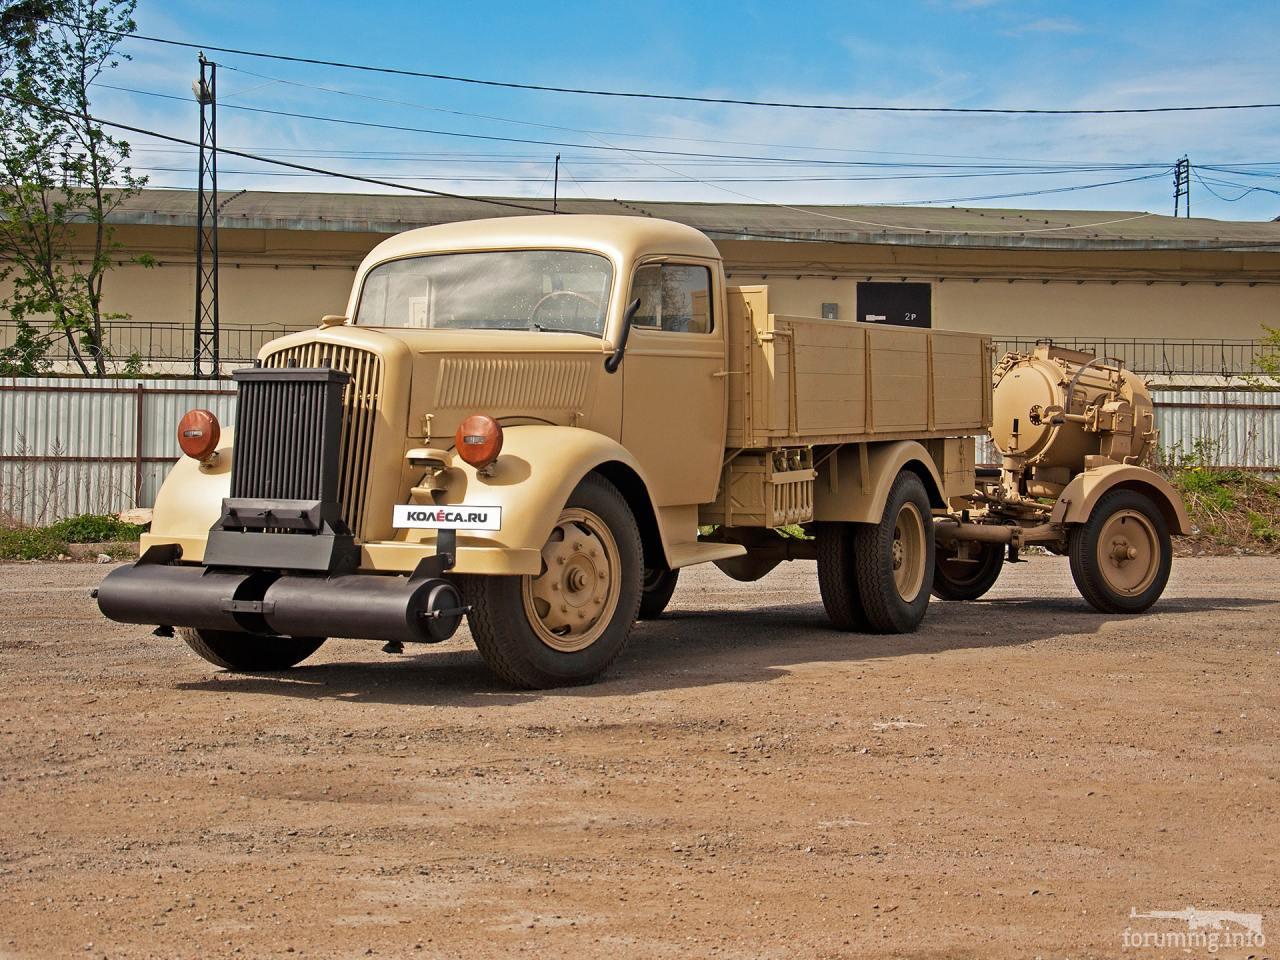 131104 - Грузовые и спец.автомобили Третьего рейха